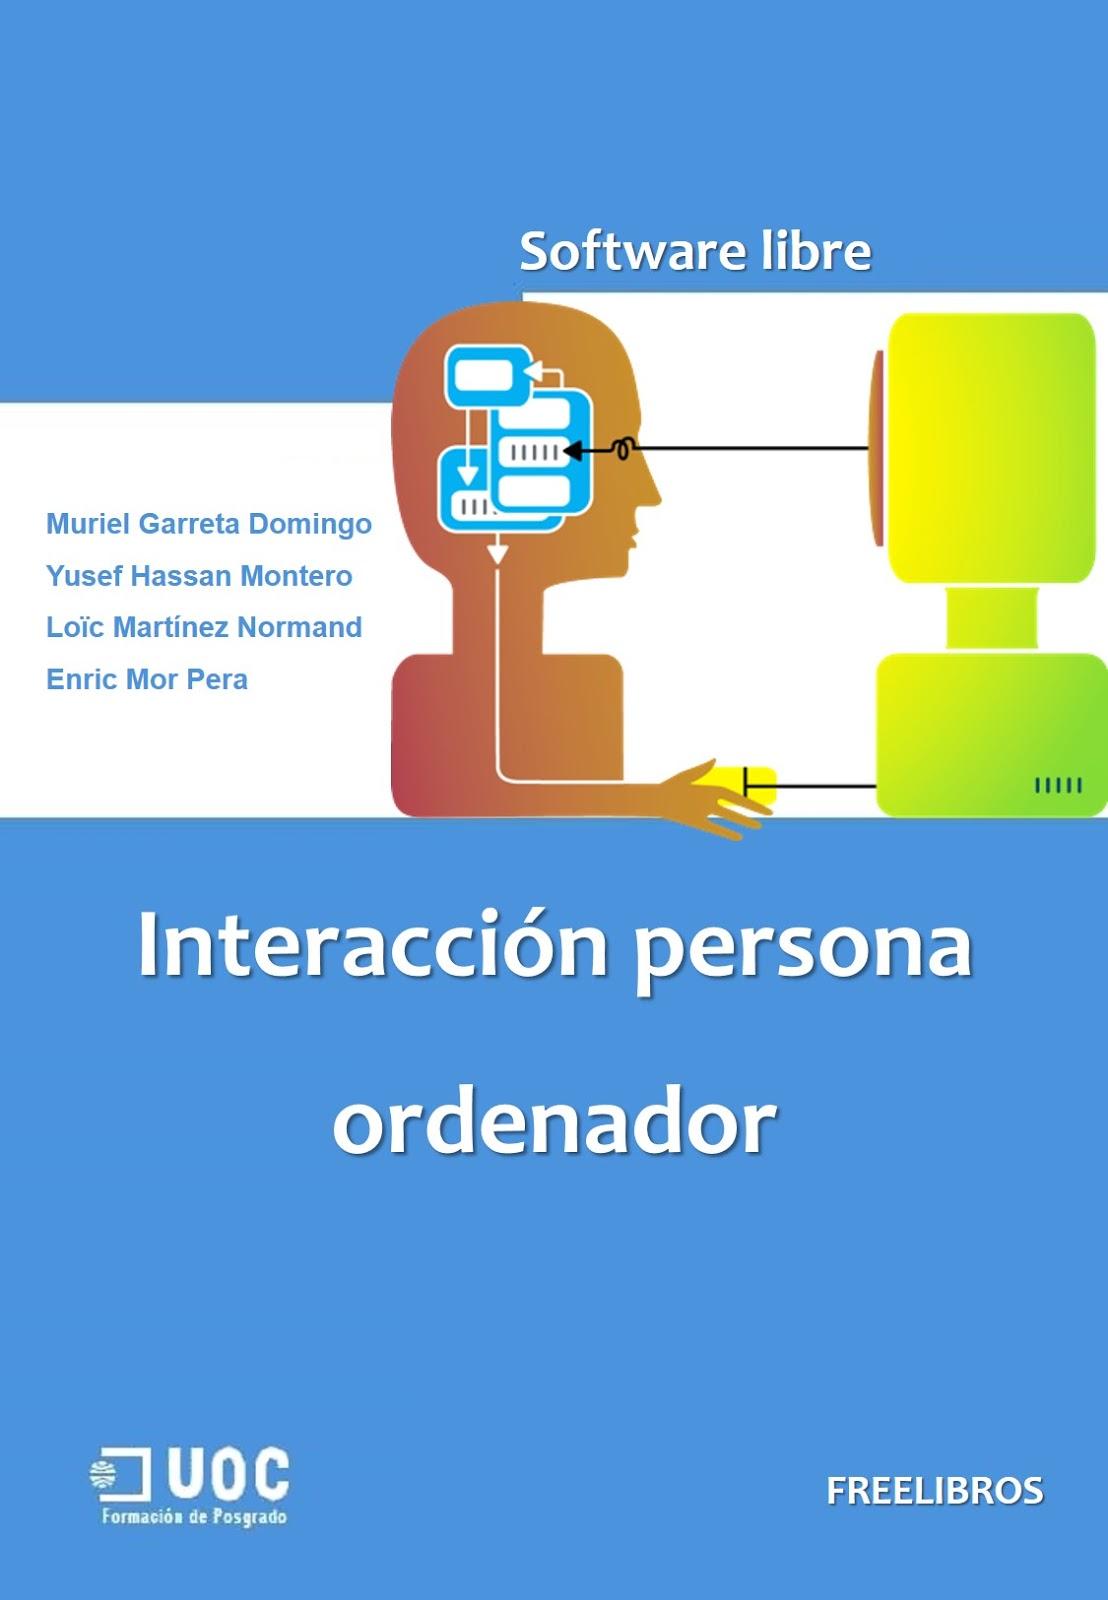 Interacción persona ordenador – UOC